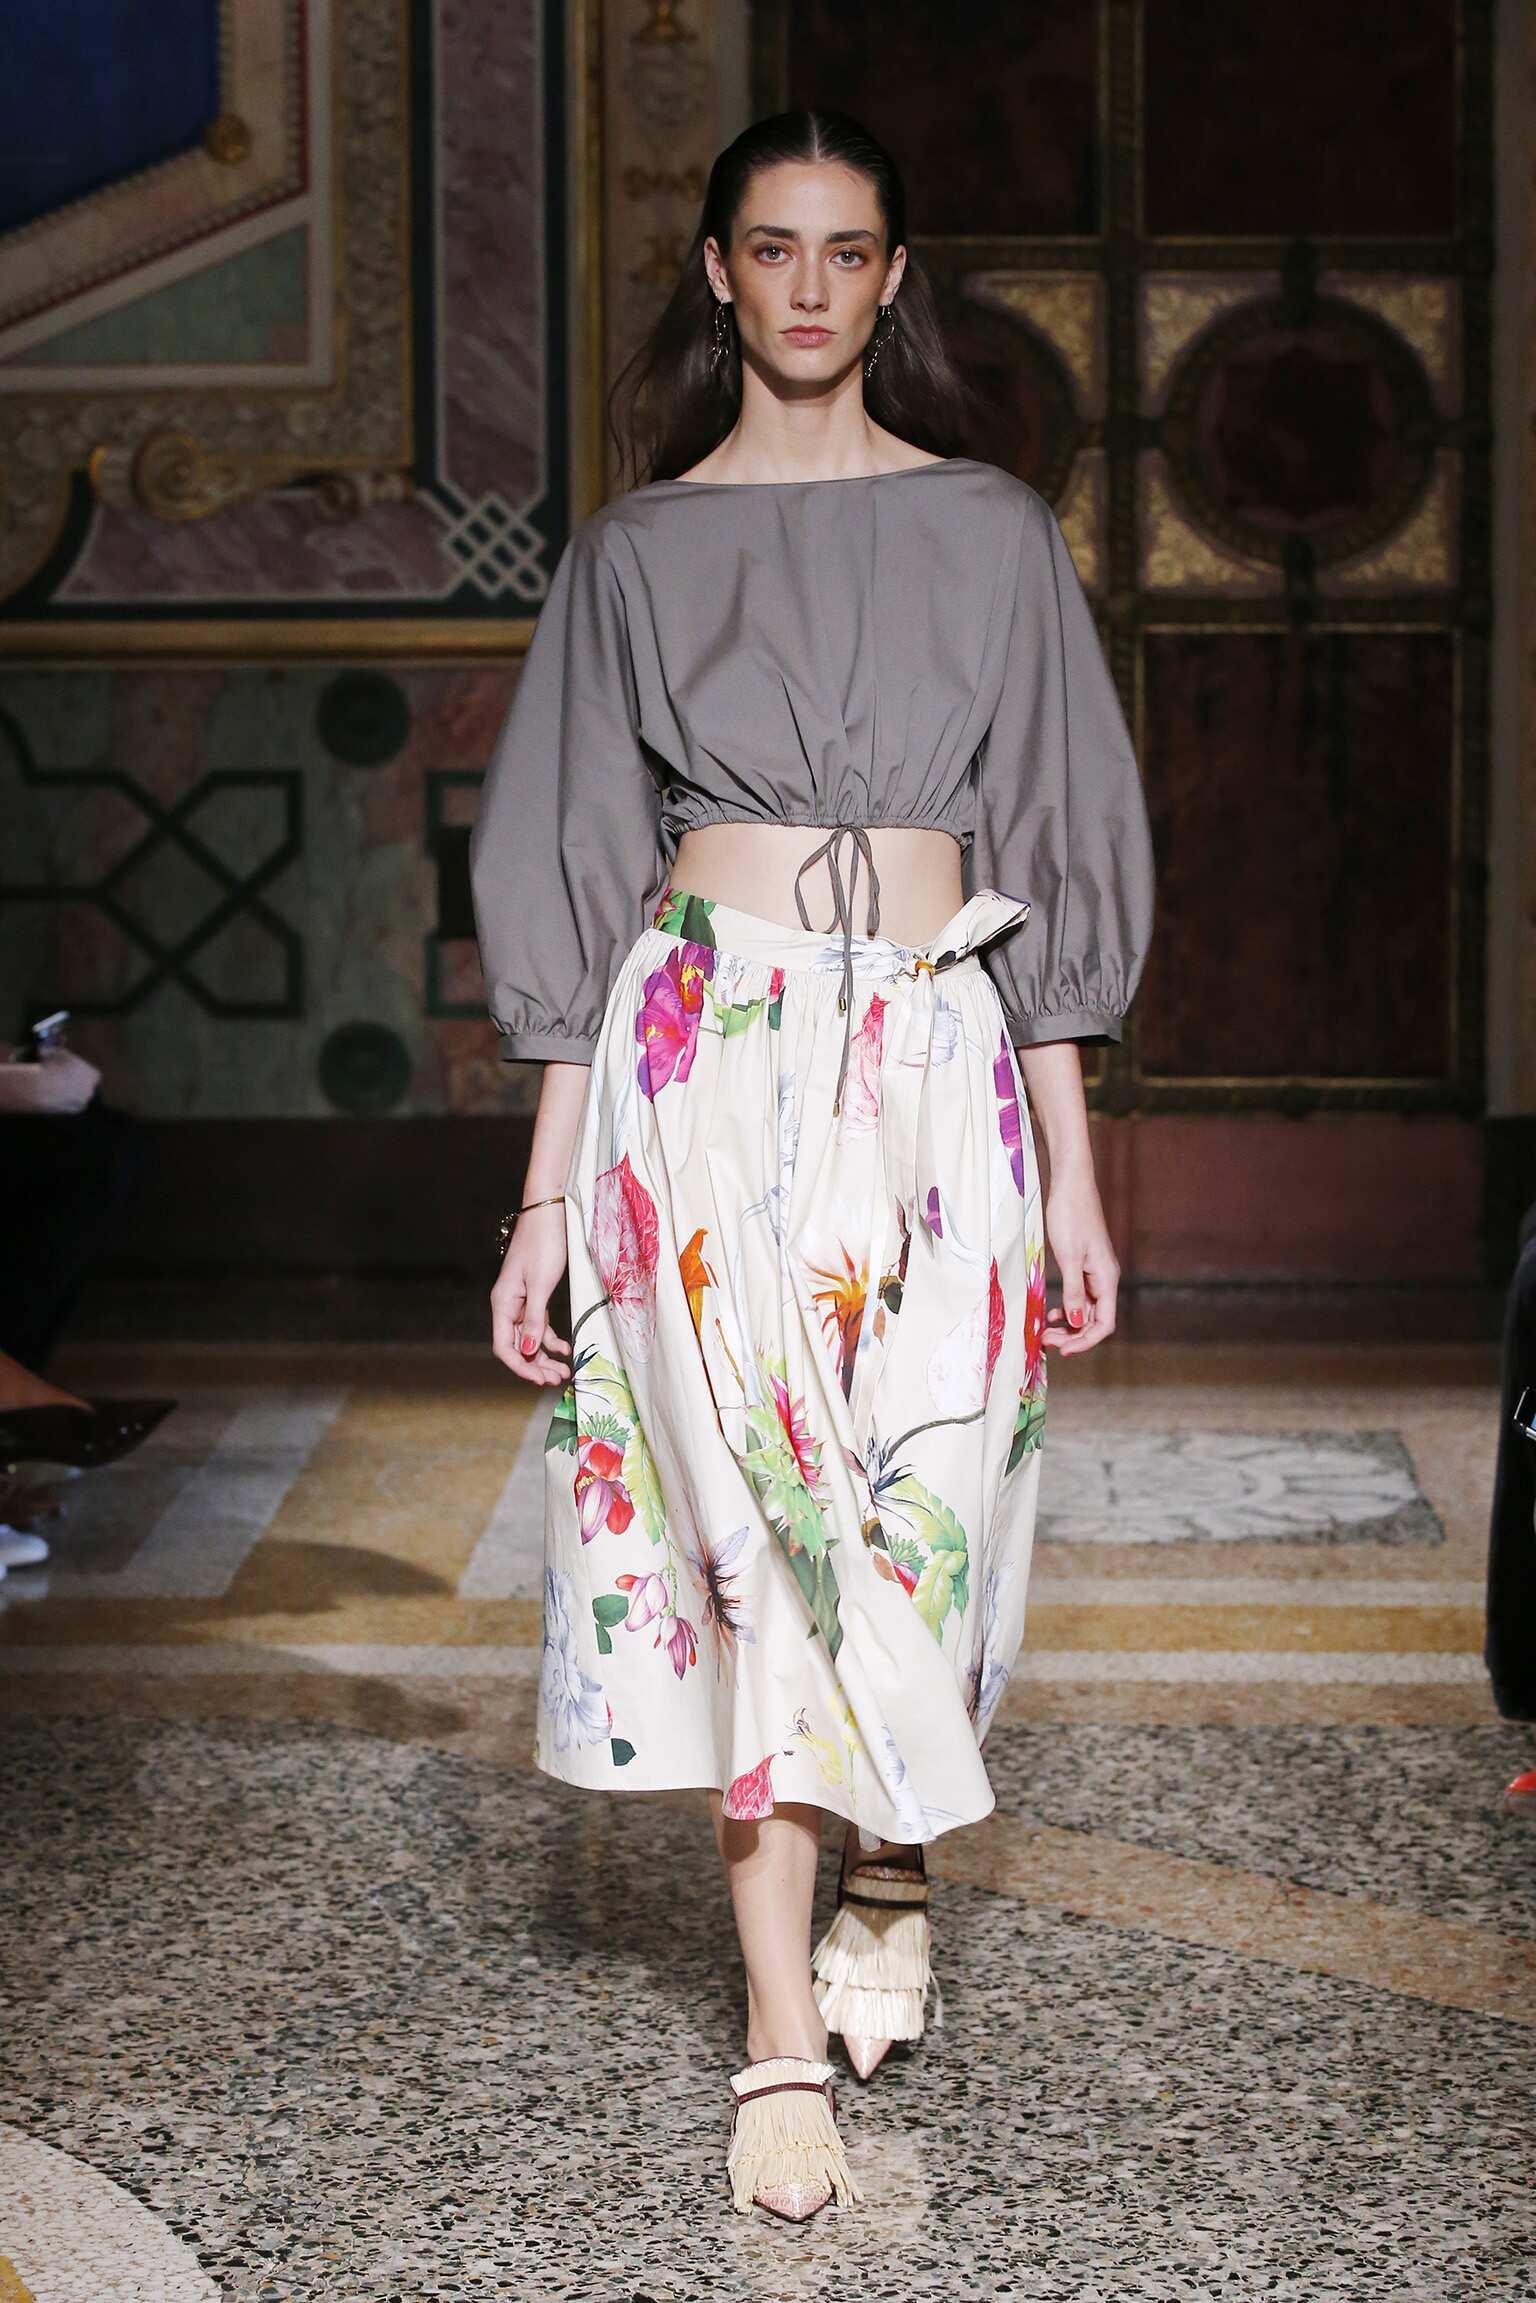 Summer 2017 Fashion Trends Blumarine